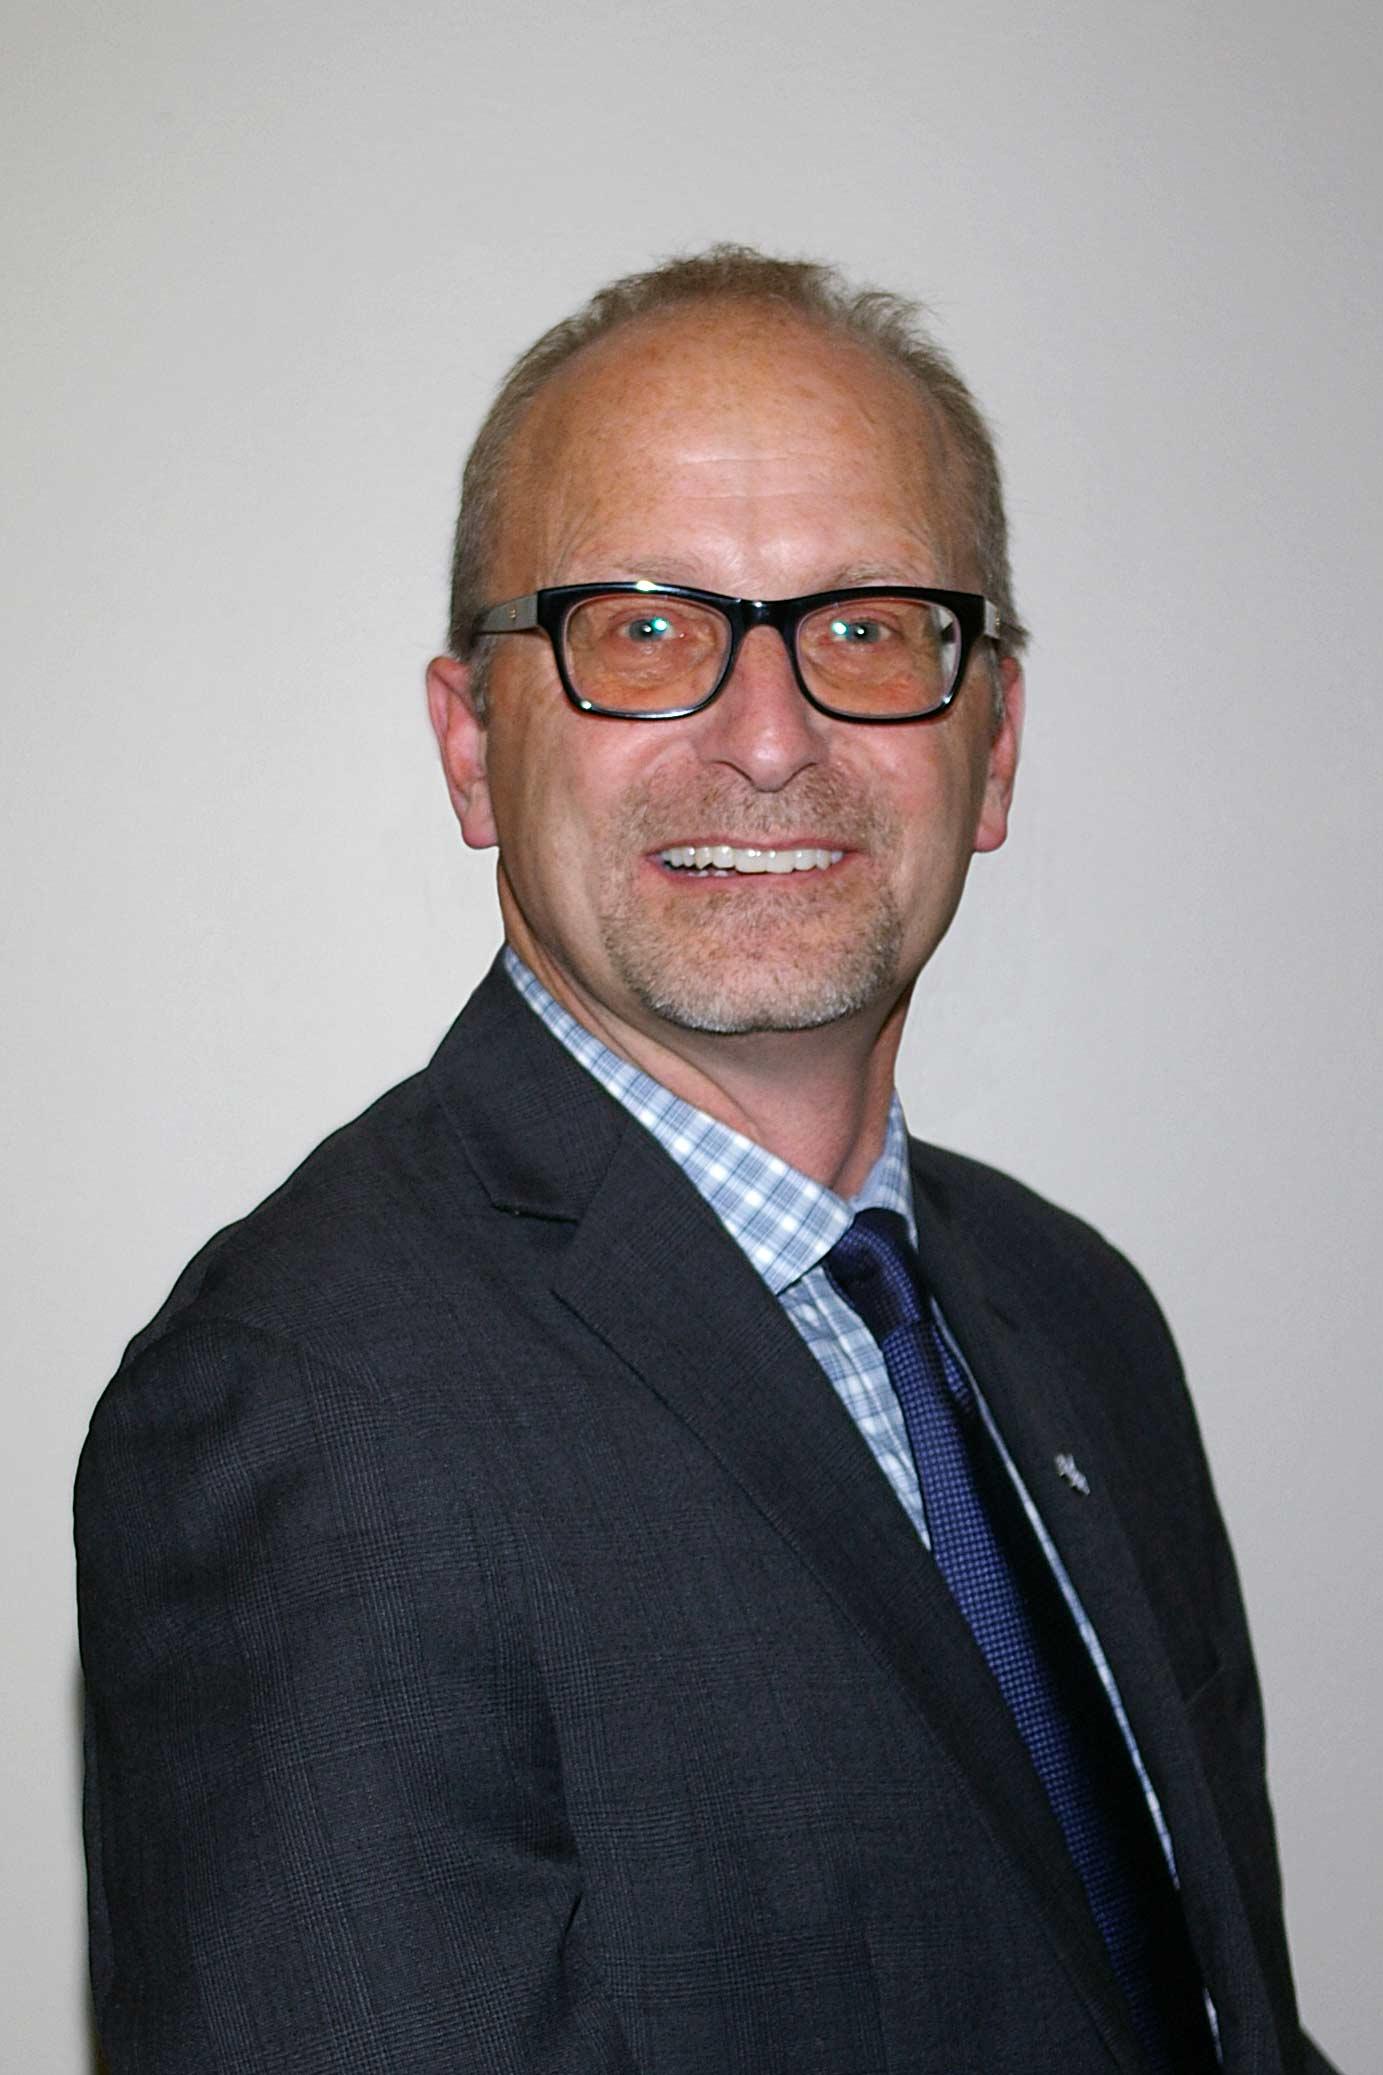 City Councillor Preston Meier